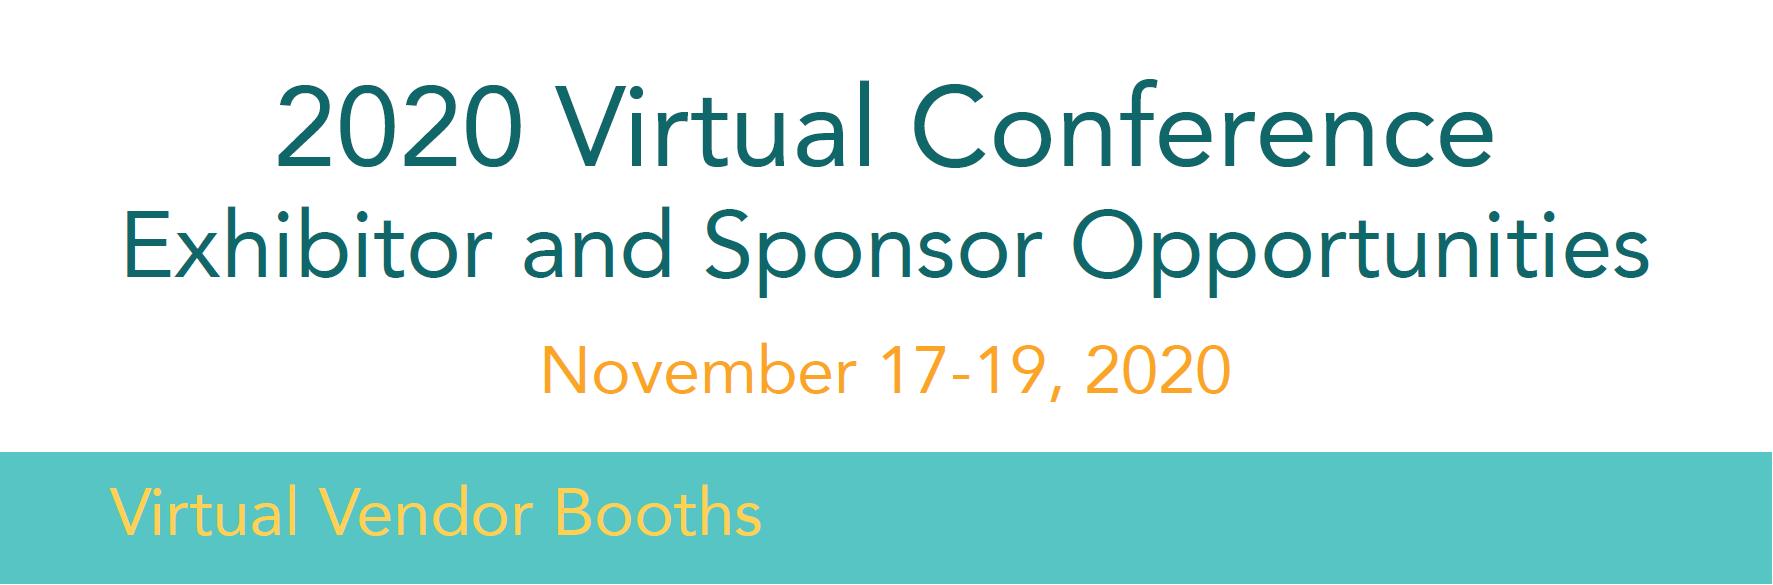 Uploaded Image: /vs-uploads/conference_2015/conference_graphic_2.jpg